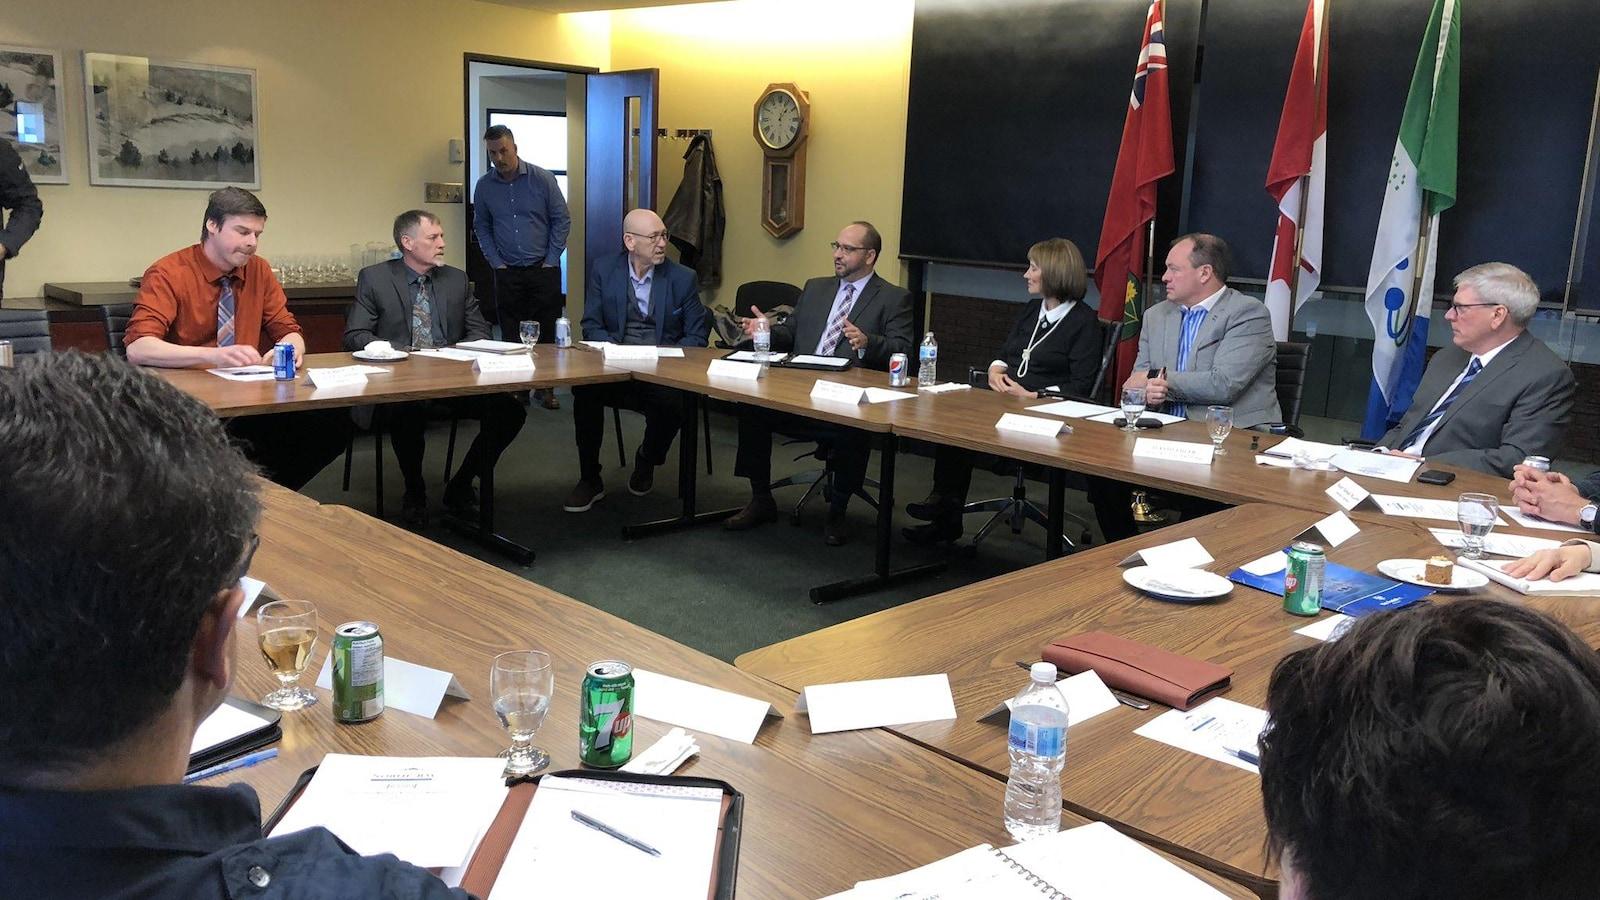 Un groupe de personnes assises autour d'une table dans une salle de réunion.